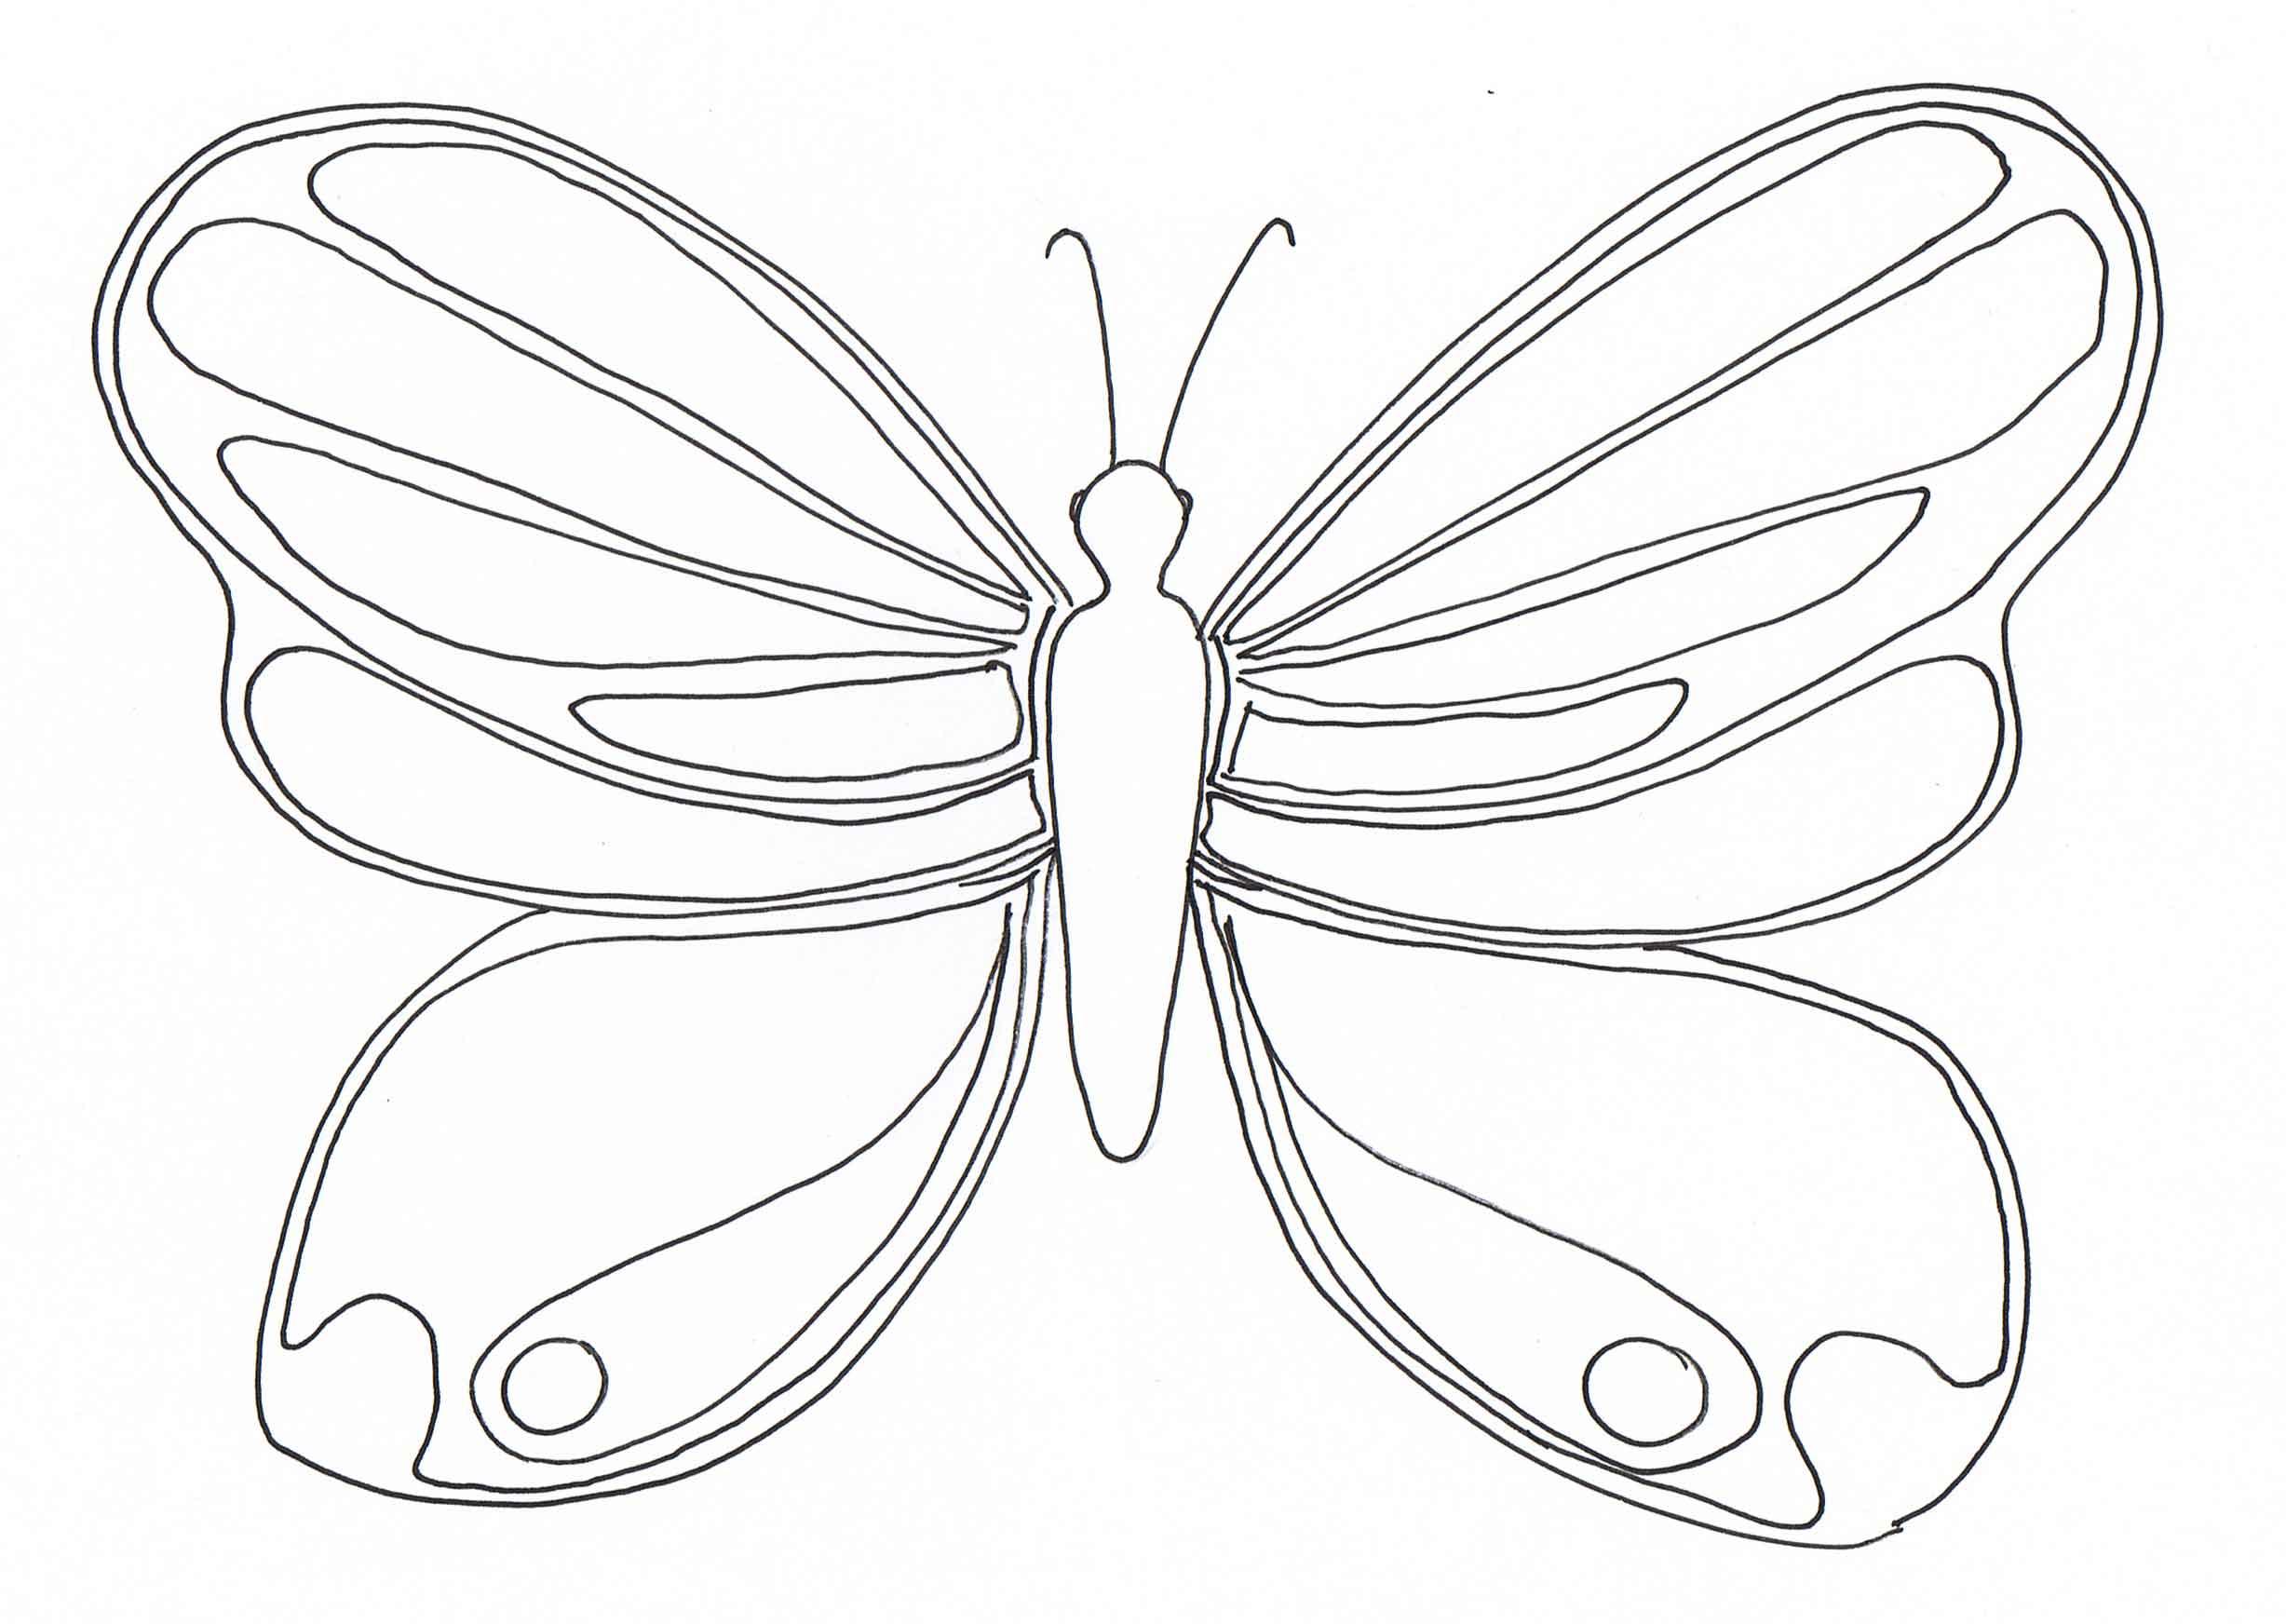 Comment faire un papillon en dessin - Papillon coloriage ...